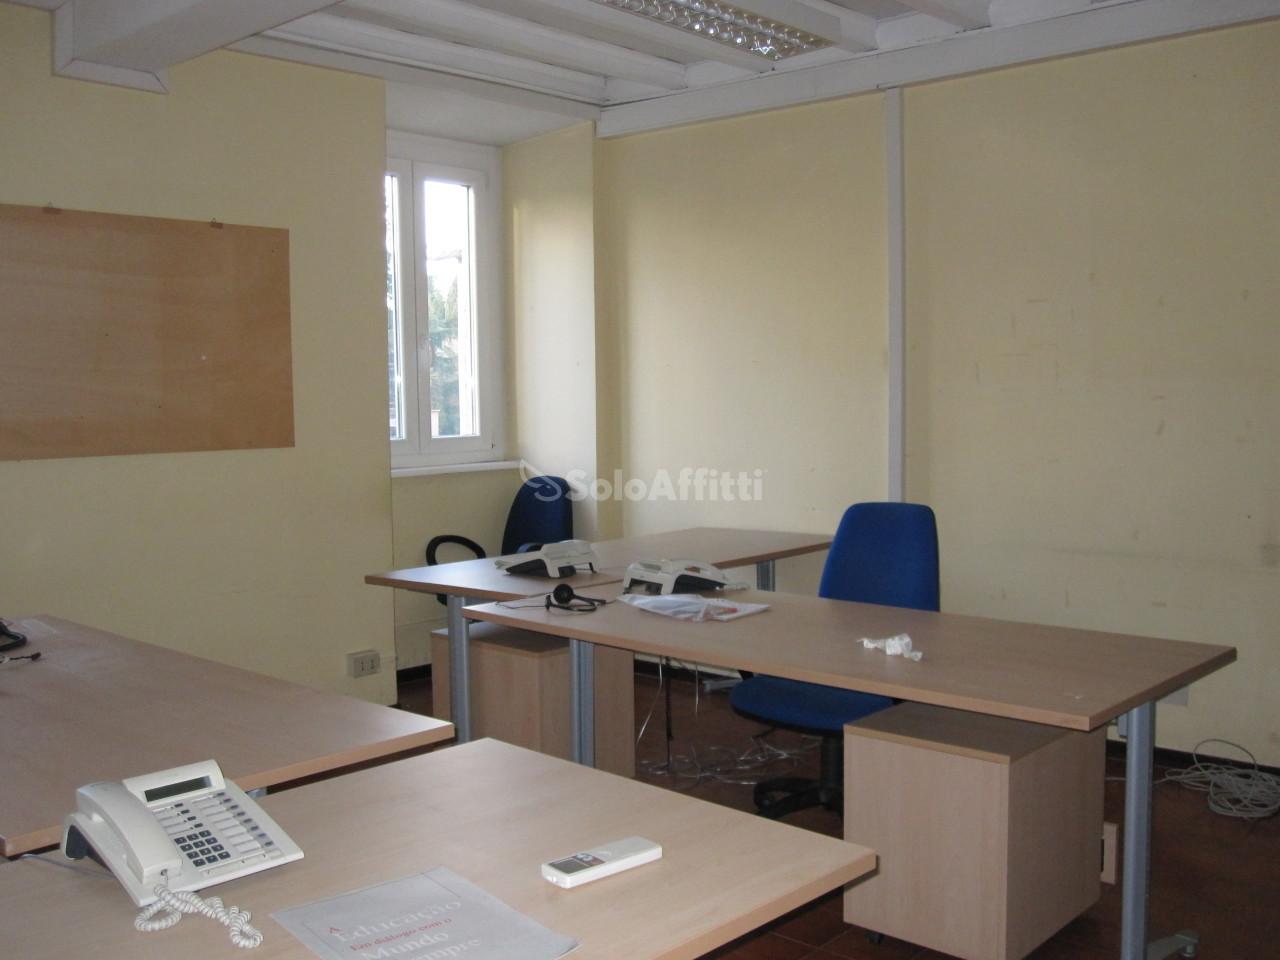 Ufficio - 1 locale a Frascati Rif. 11167937